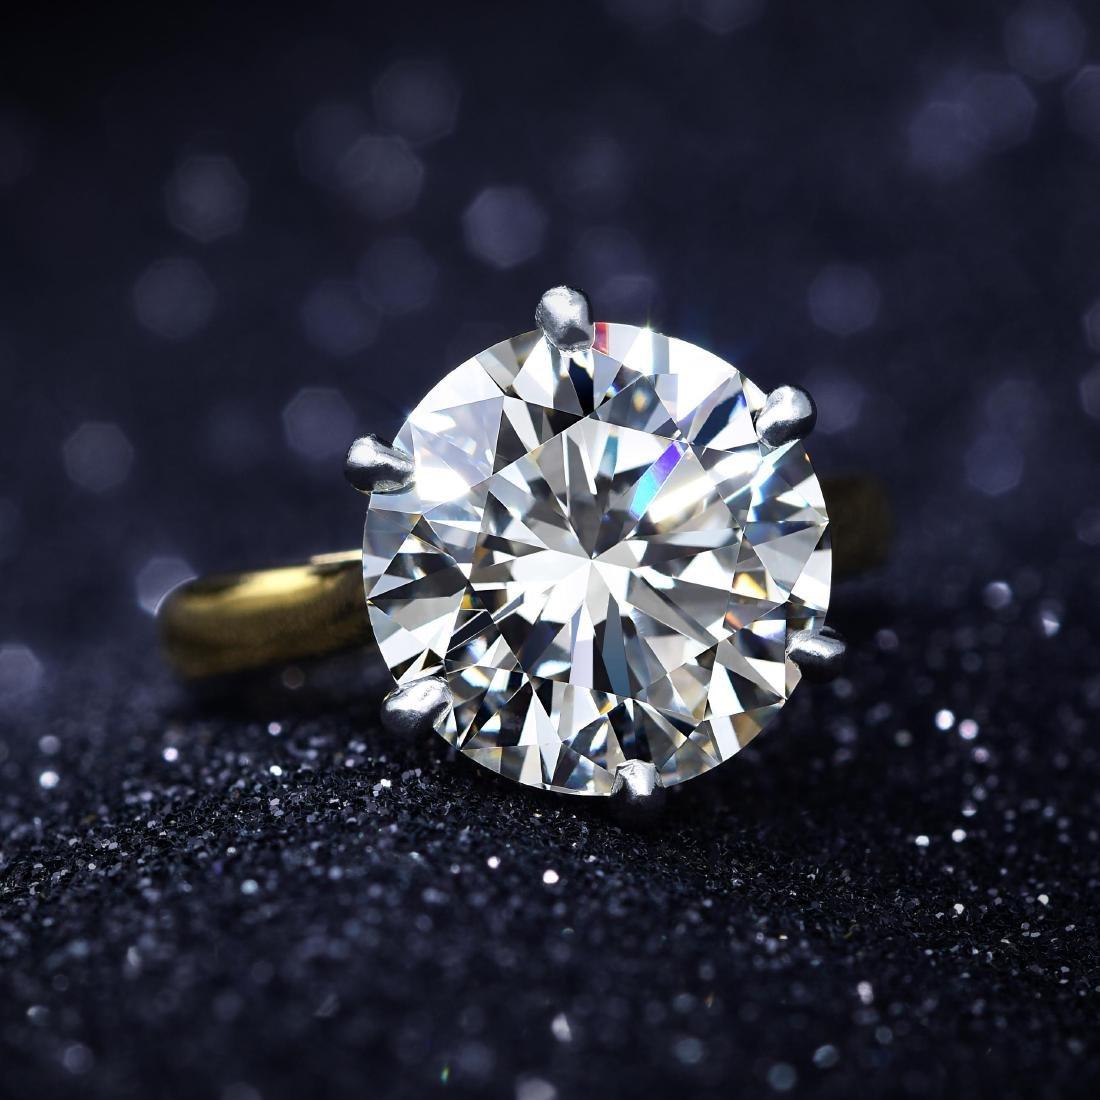 A 5.37-Carat Diamond Ring